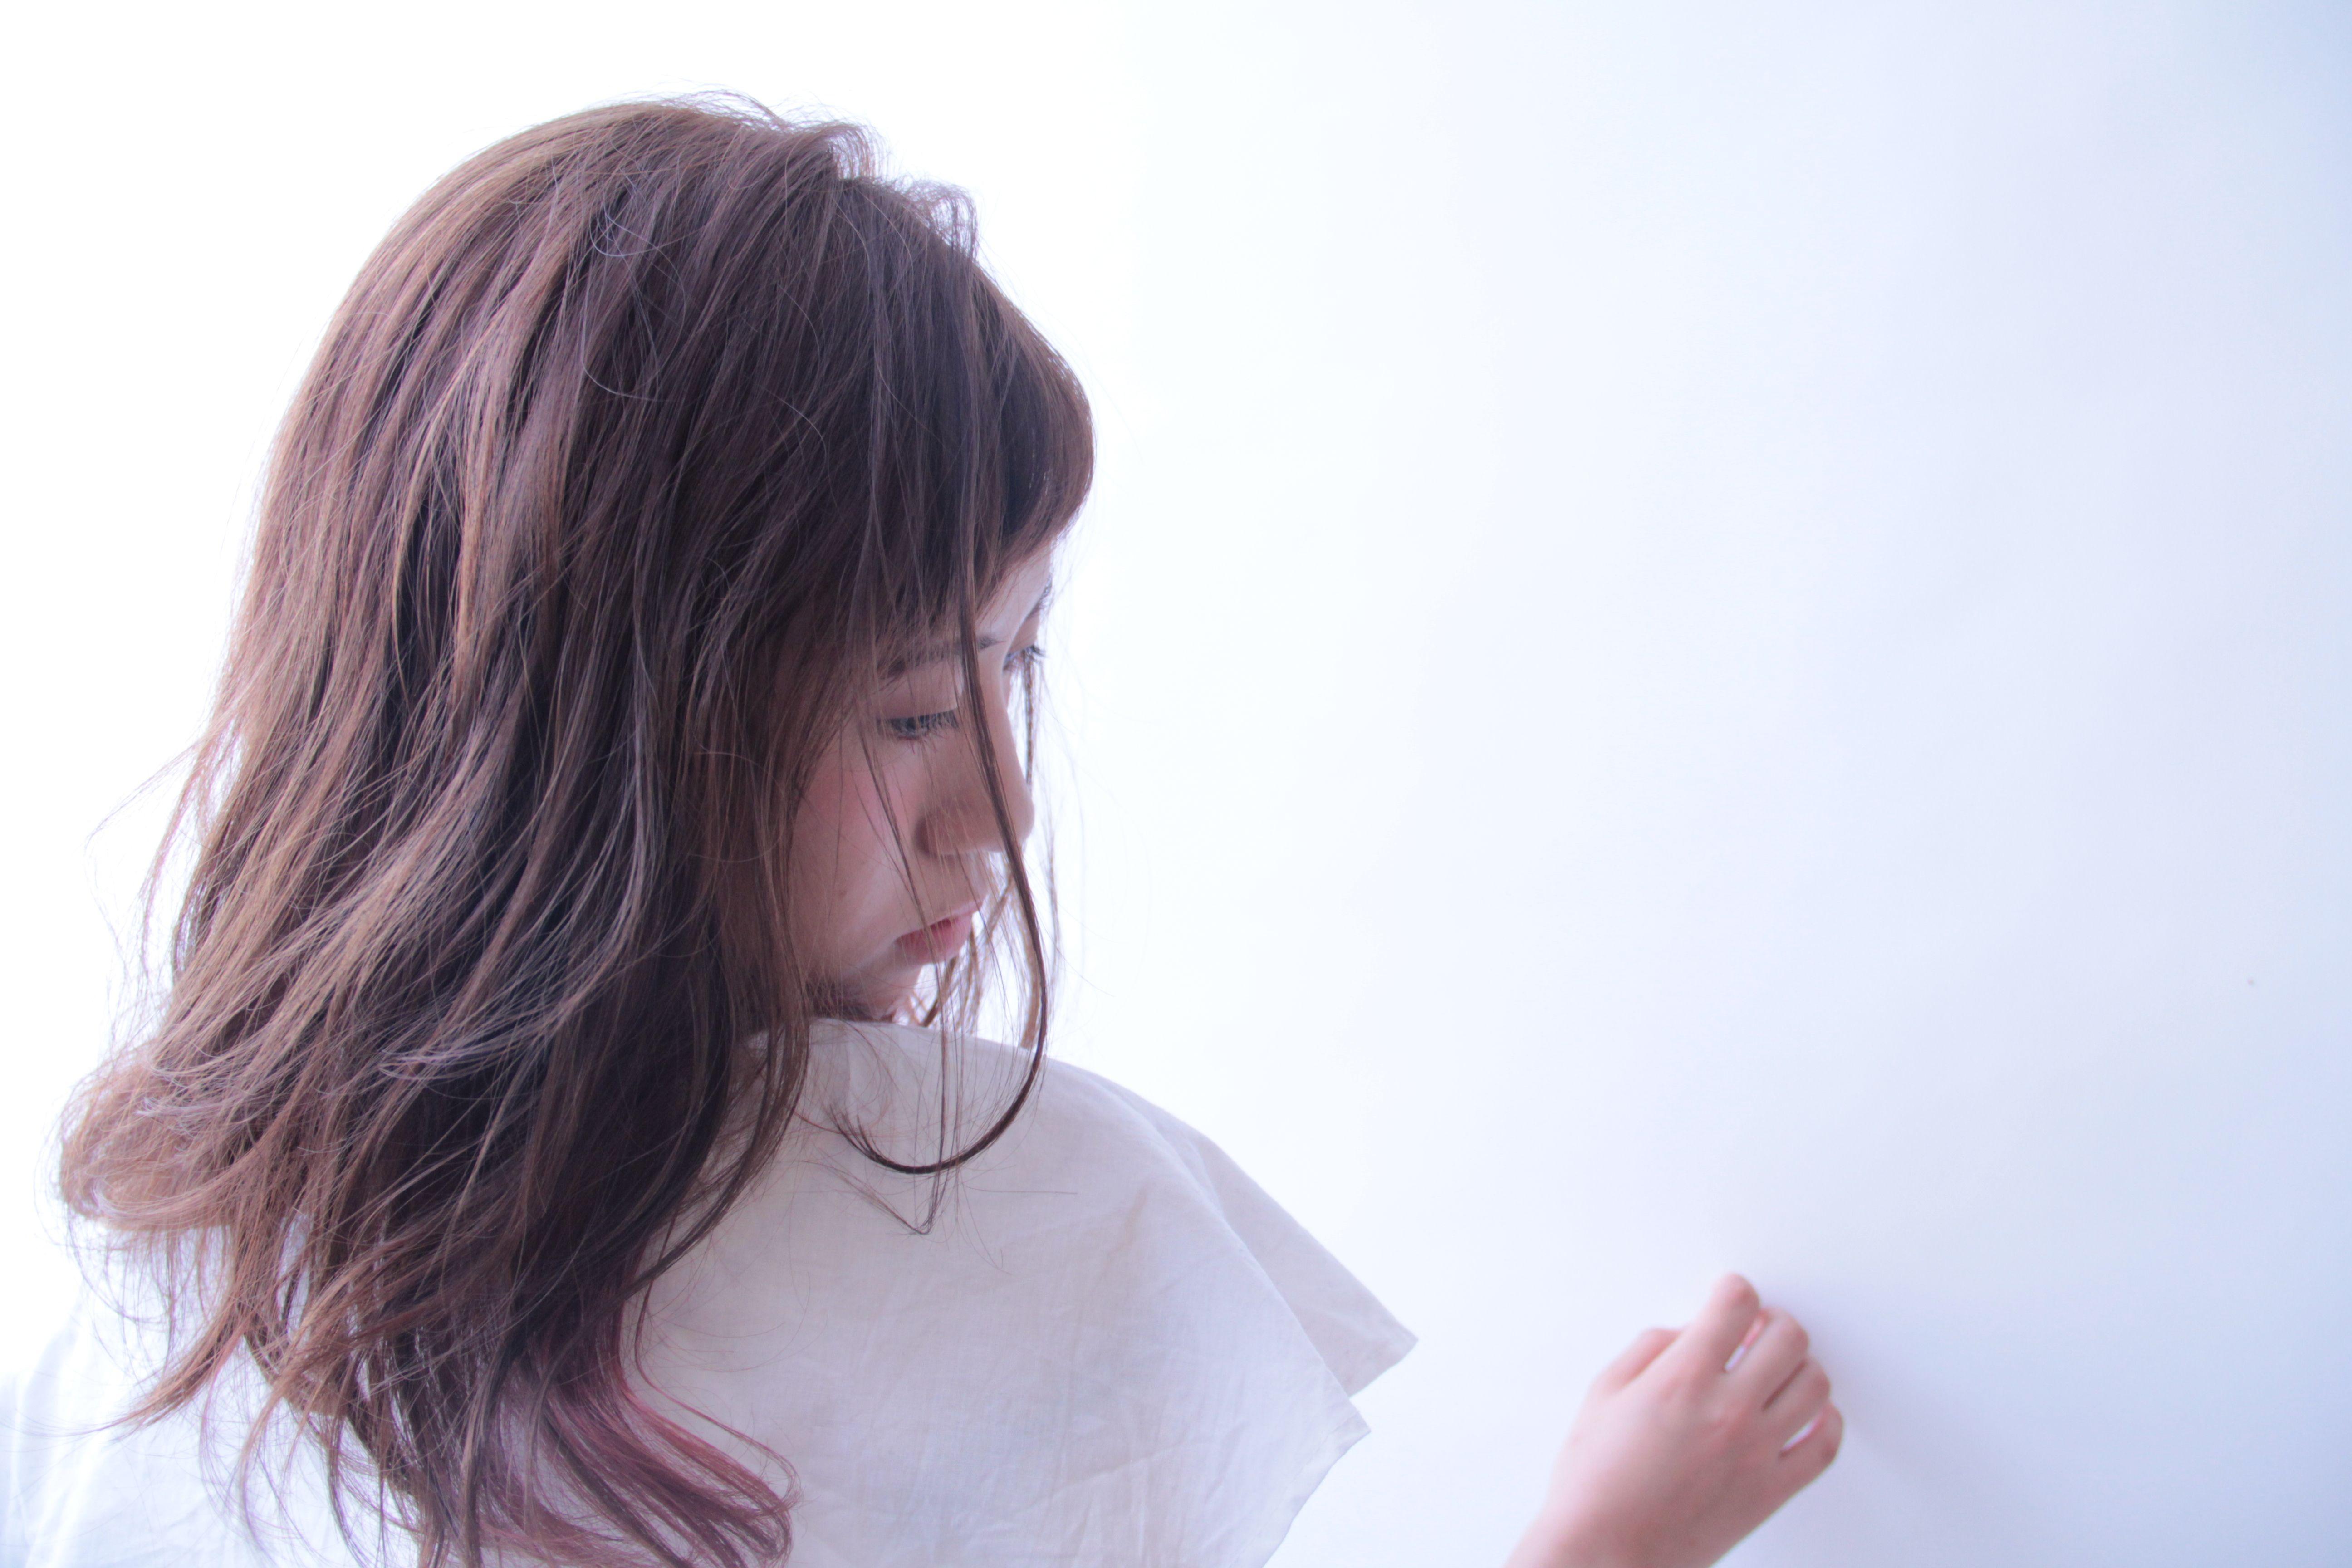 ピンクグレージュがかわいい ルーズな質感の髪に色で遊びを